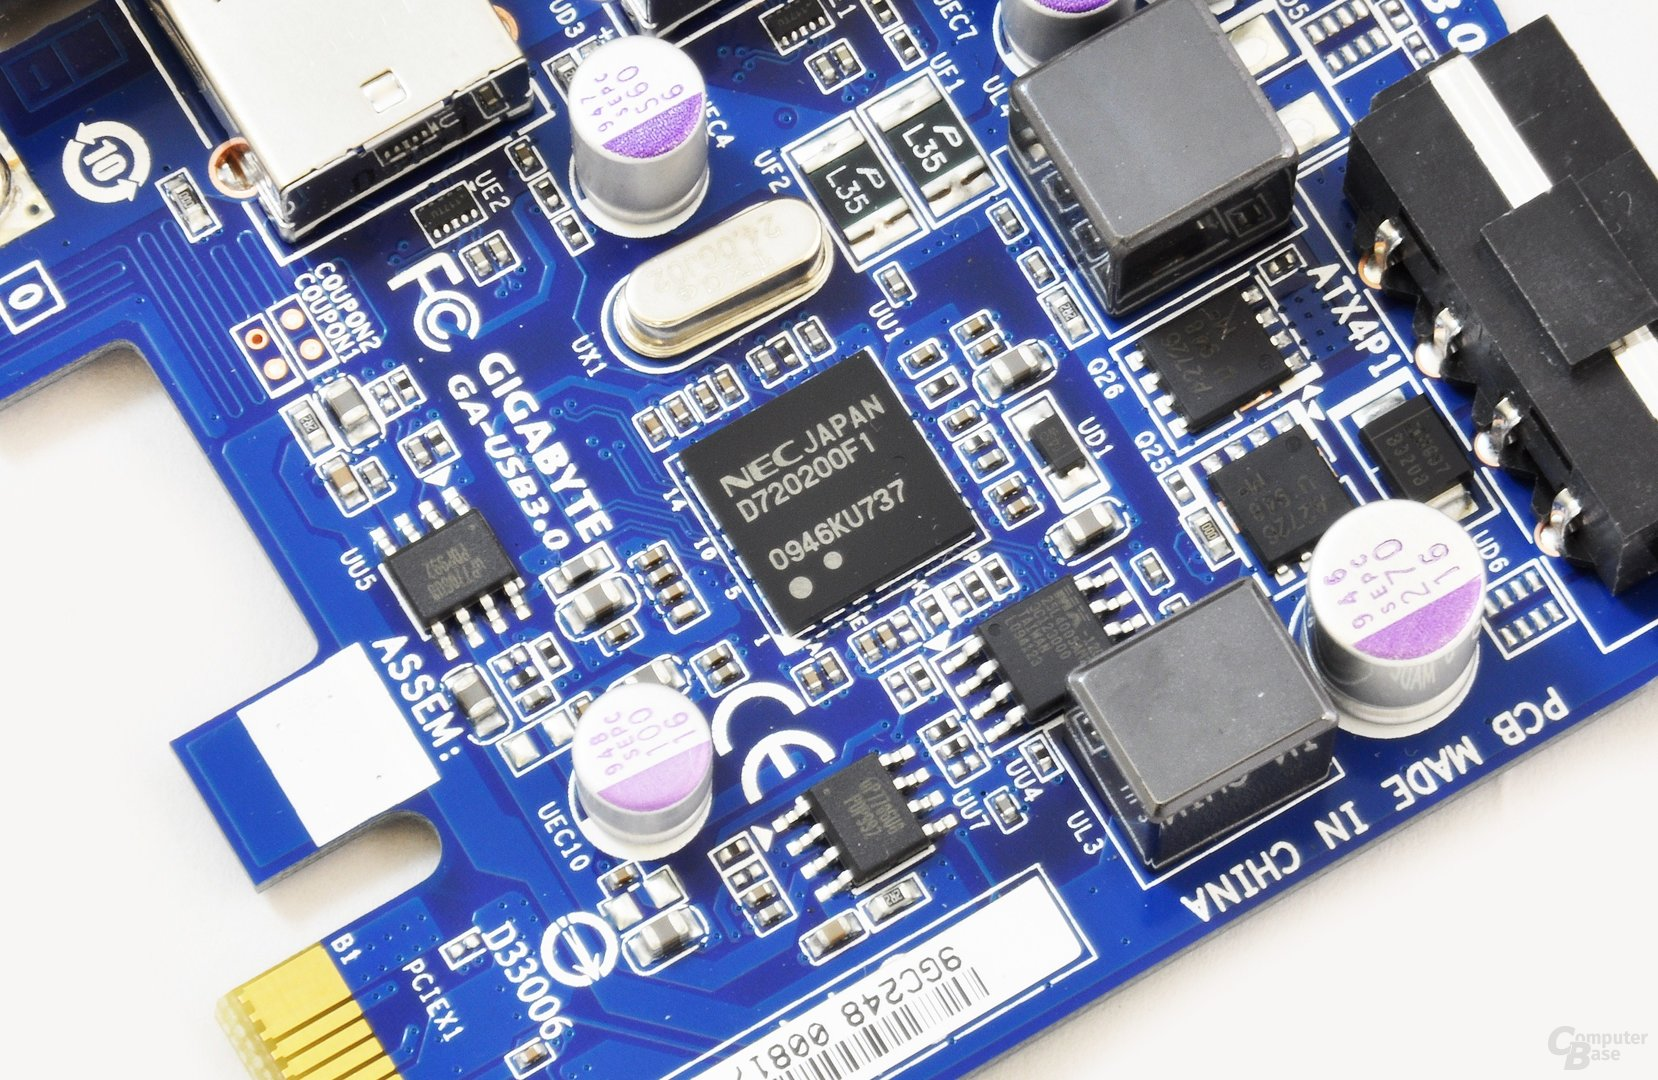 Gigabyte GA-USB 3.0